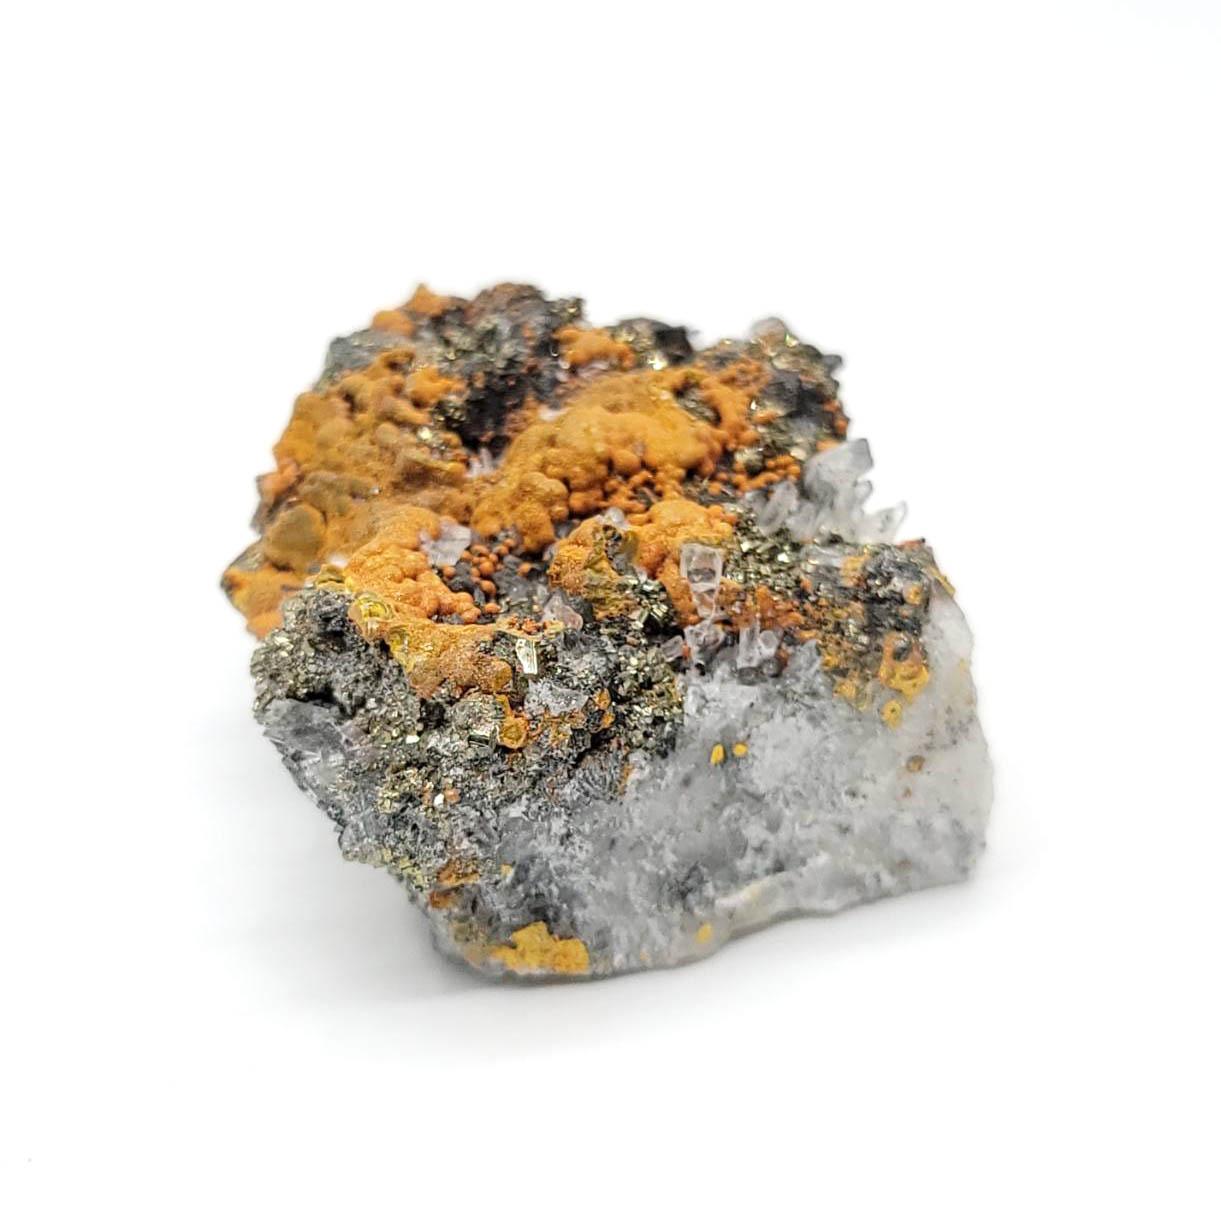 圖示-雄黃石晶體(Realgar)